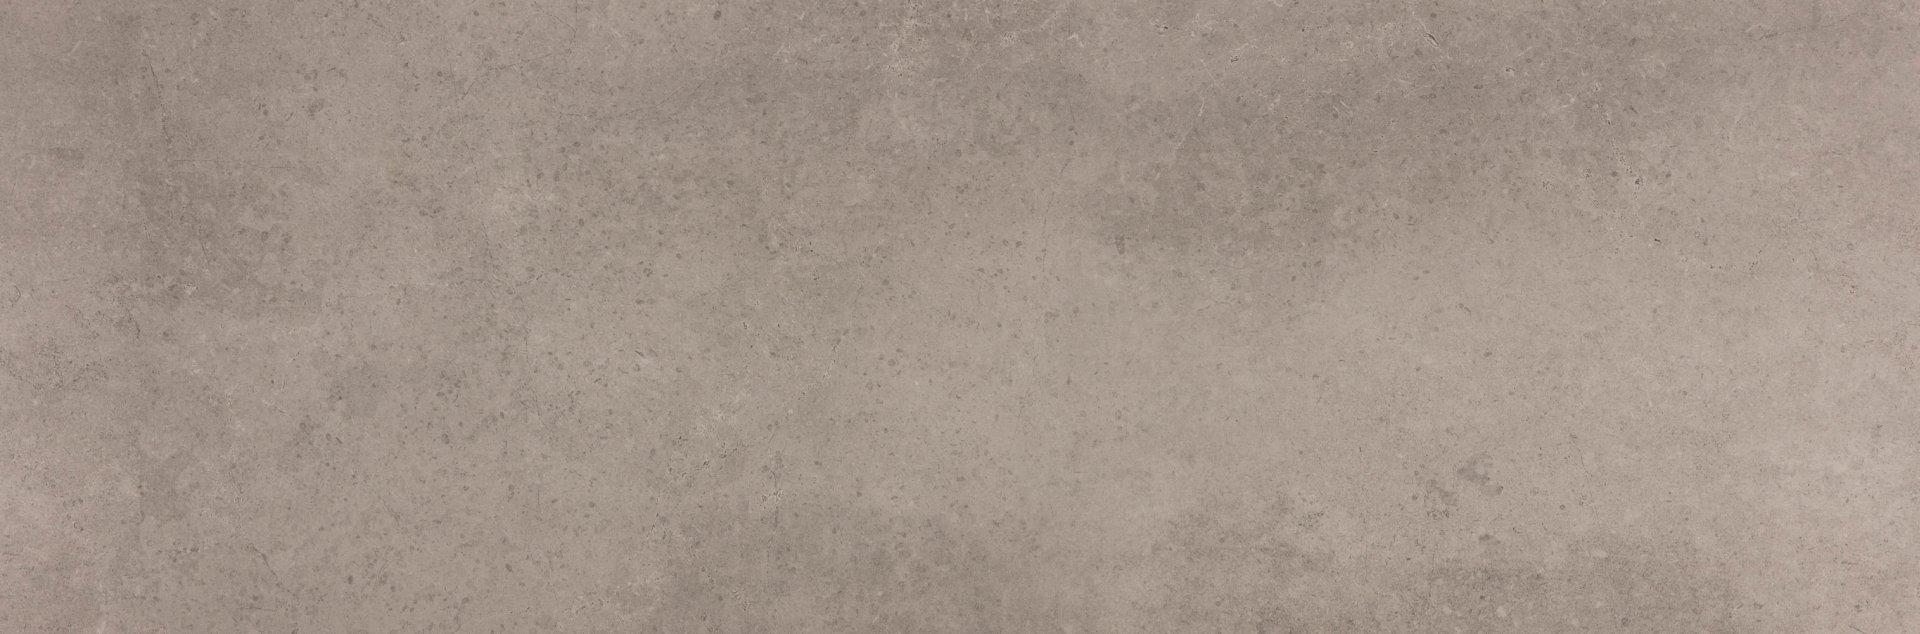 Faianță pentru baie Ecoceramic Flagstone Perla 400x1200 mată gri / 3